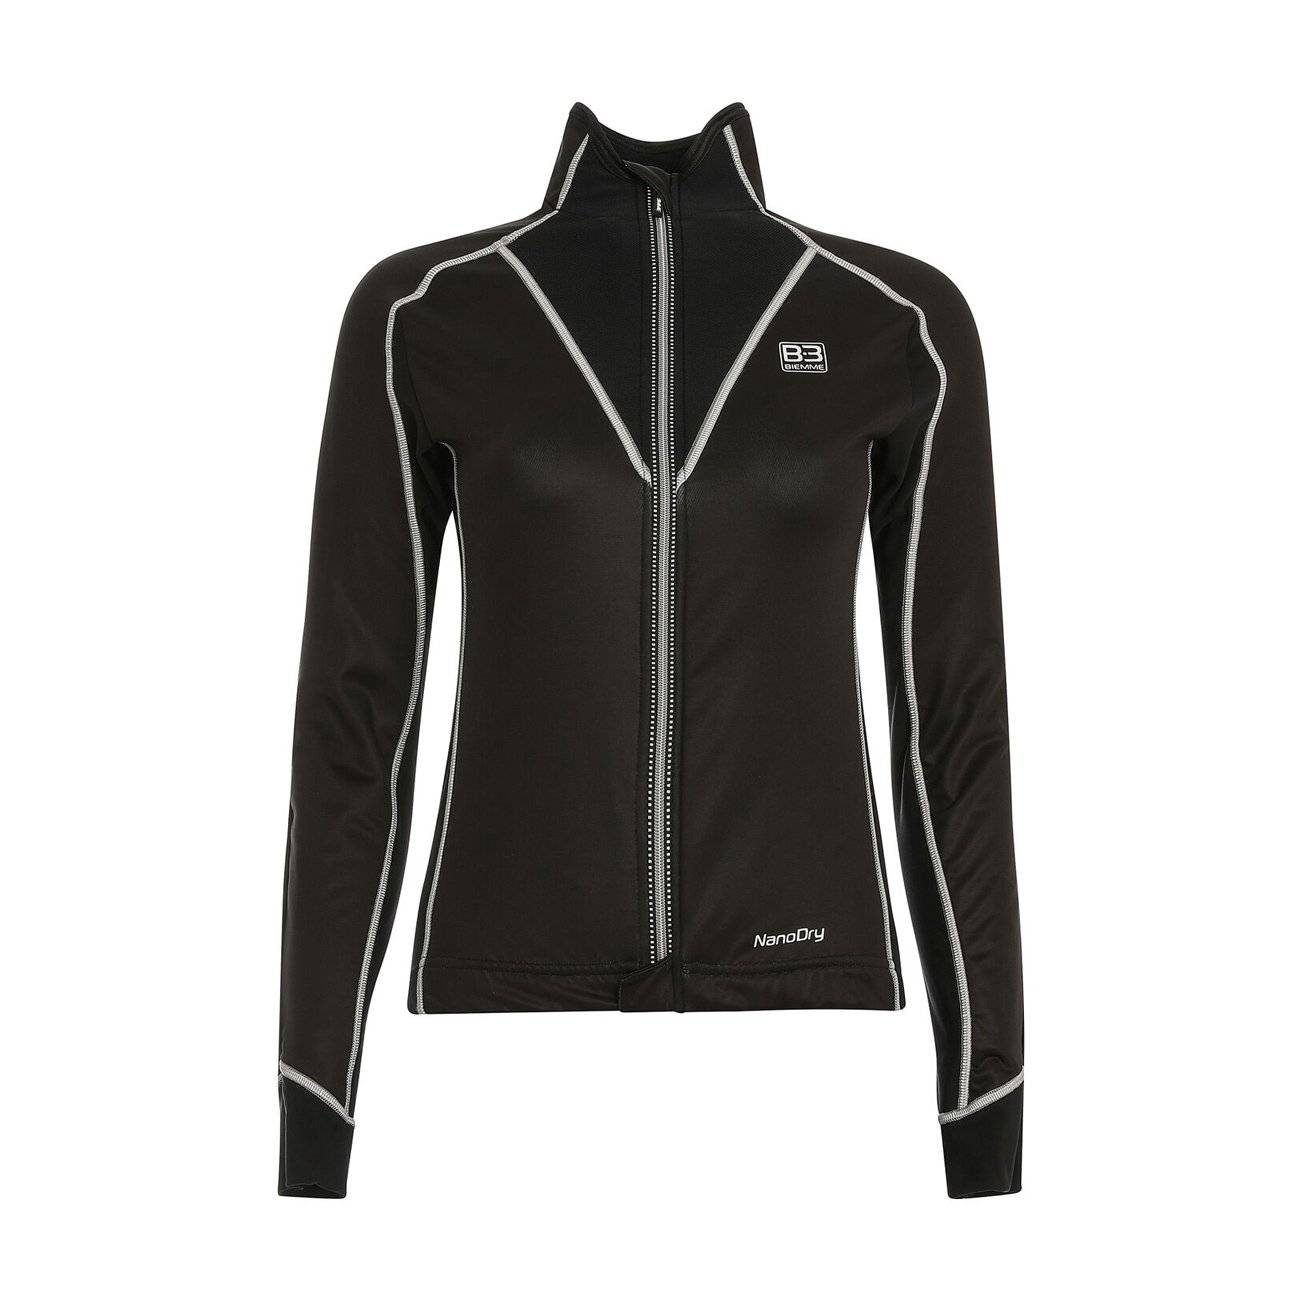 Куртка велосипедная женская Biemme Nanodry LADY, черный/серый 2020